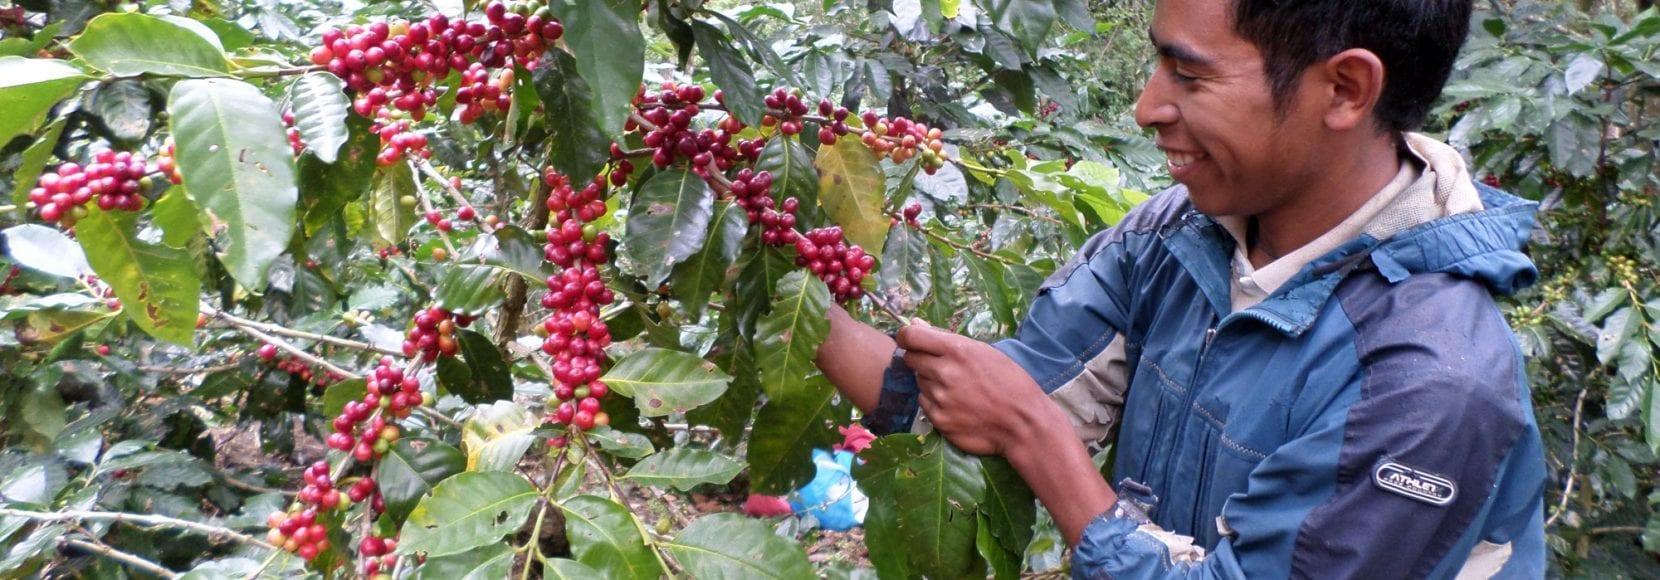 Man inspecting coffee cherries in Honduras